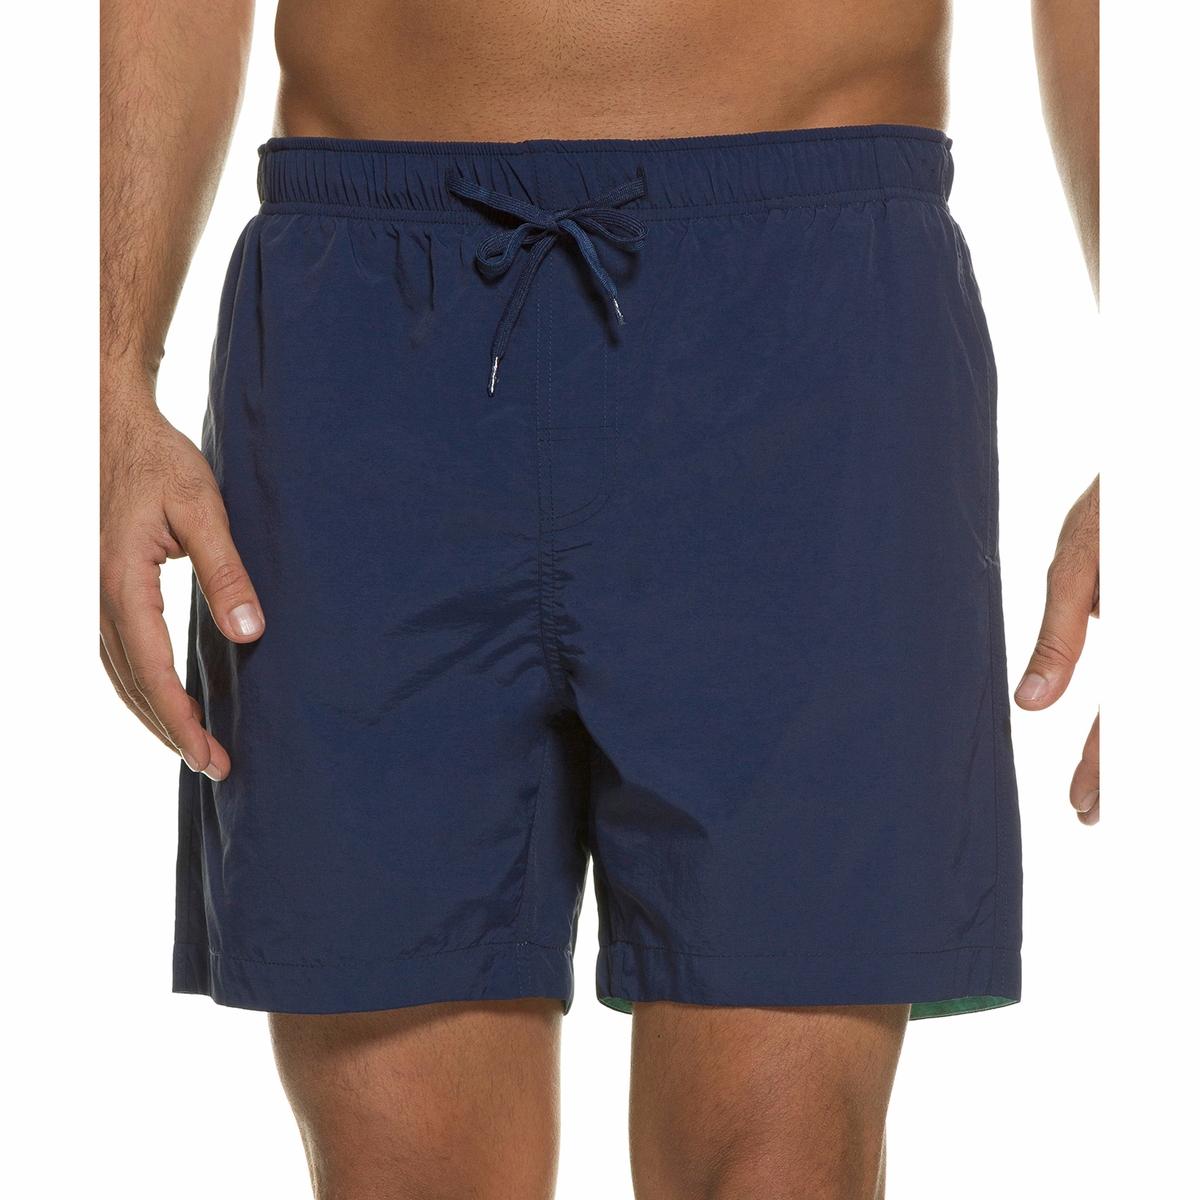 Шорты пляжныеПляжные шорты JP1880. Быстро сохнут. Эластичный пояс и шнурок, небольшой рисунок внизу. Вшитые трусы из сетчатого материала. 100% полиамид. Подкладка: 100% полиэстер. Длина по внутр.шву ок.. 15 см<br><br>Цвет: синий морской